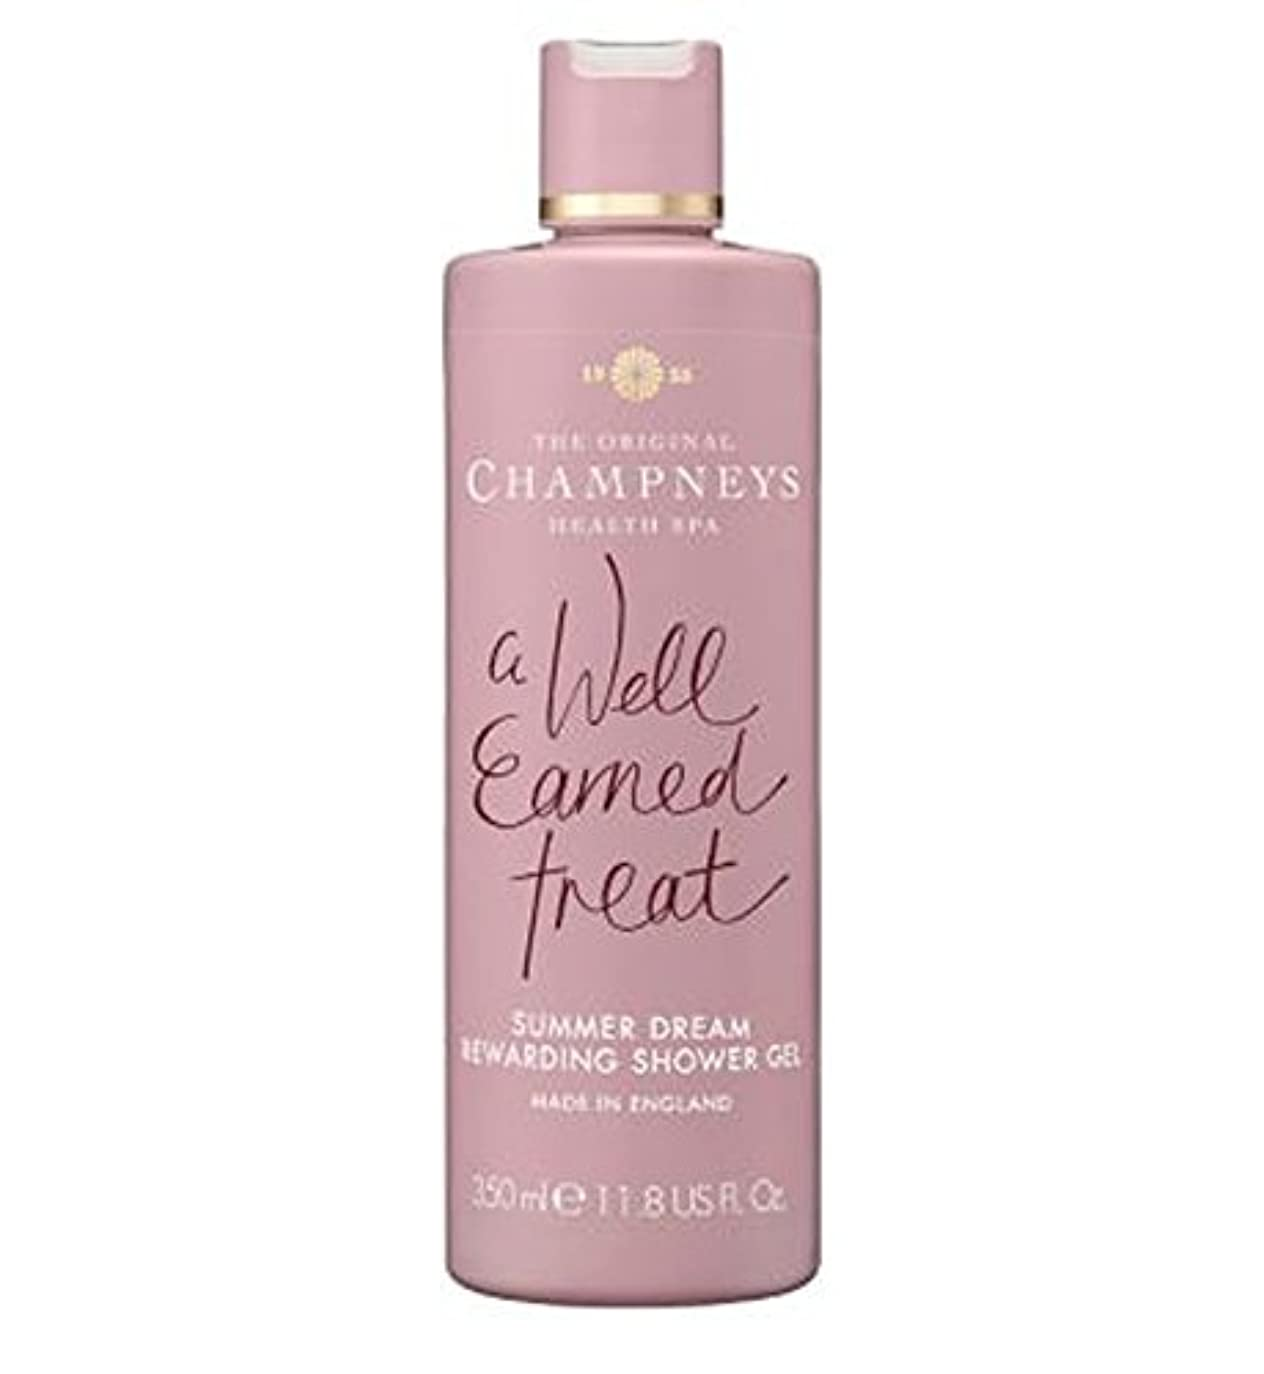 違うコミュニケーション検査官Champneys Summer Dream Rewarding Shower Gel 350ml - チャンプニーズの夏の夢やりがいのシャワージェル350ミリリットル (Champneys) [並行輸入品]